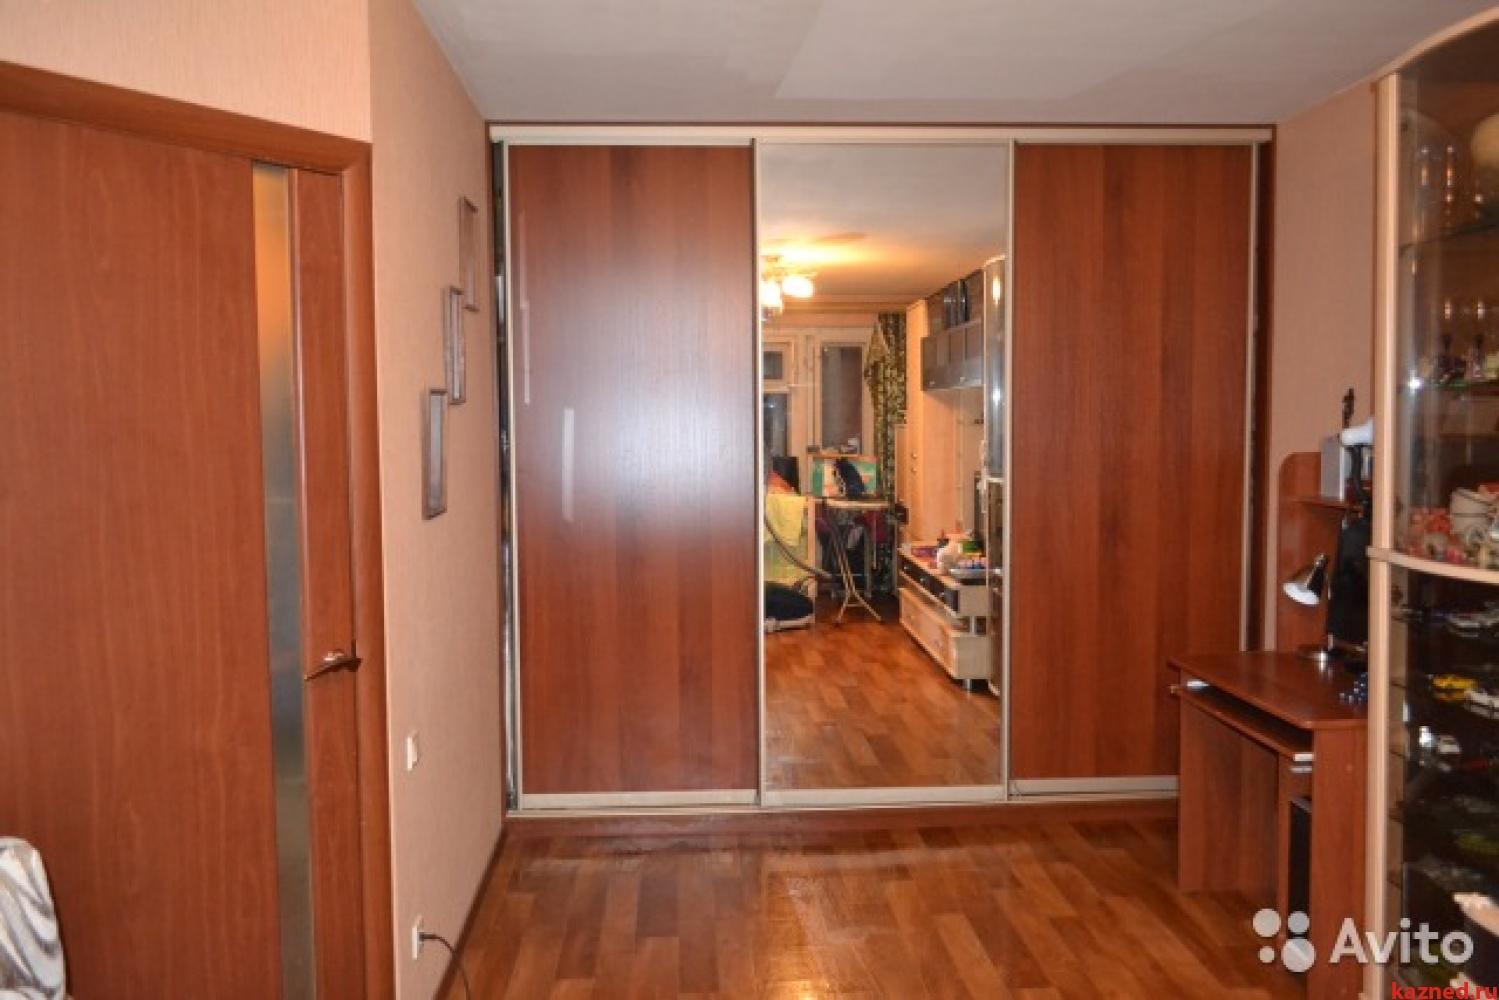 Продажа 1-к квартиры Серп и Молот, 40 м2  (миниатюра №2)